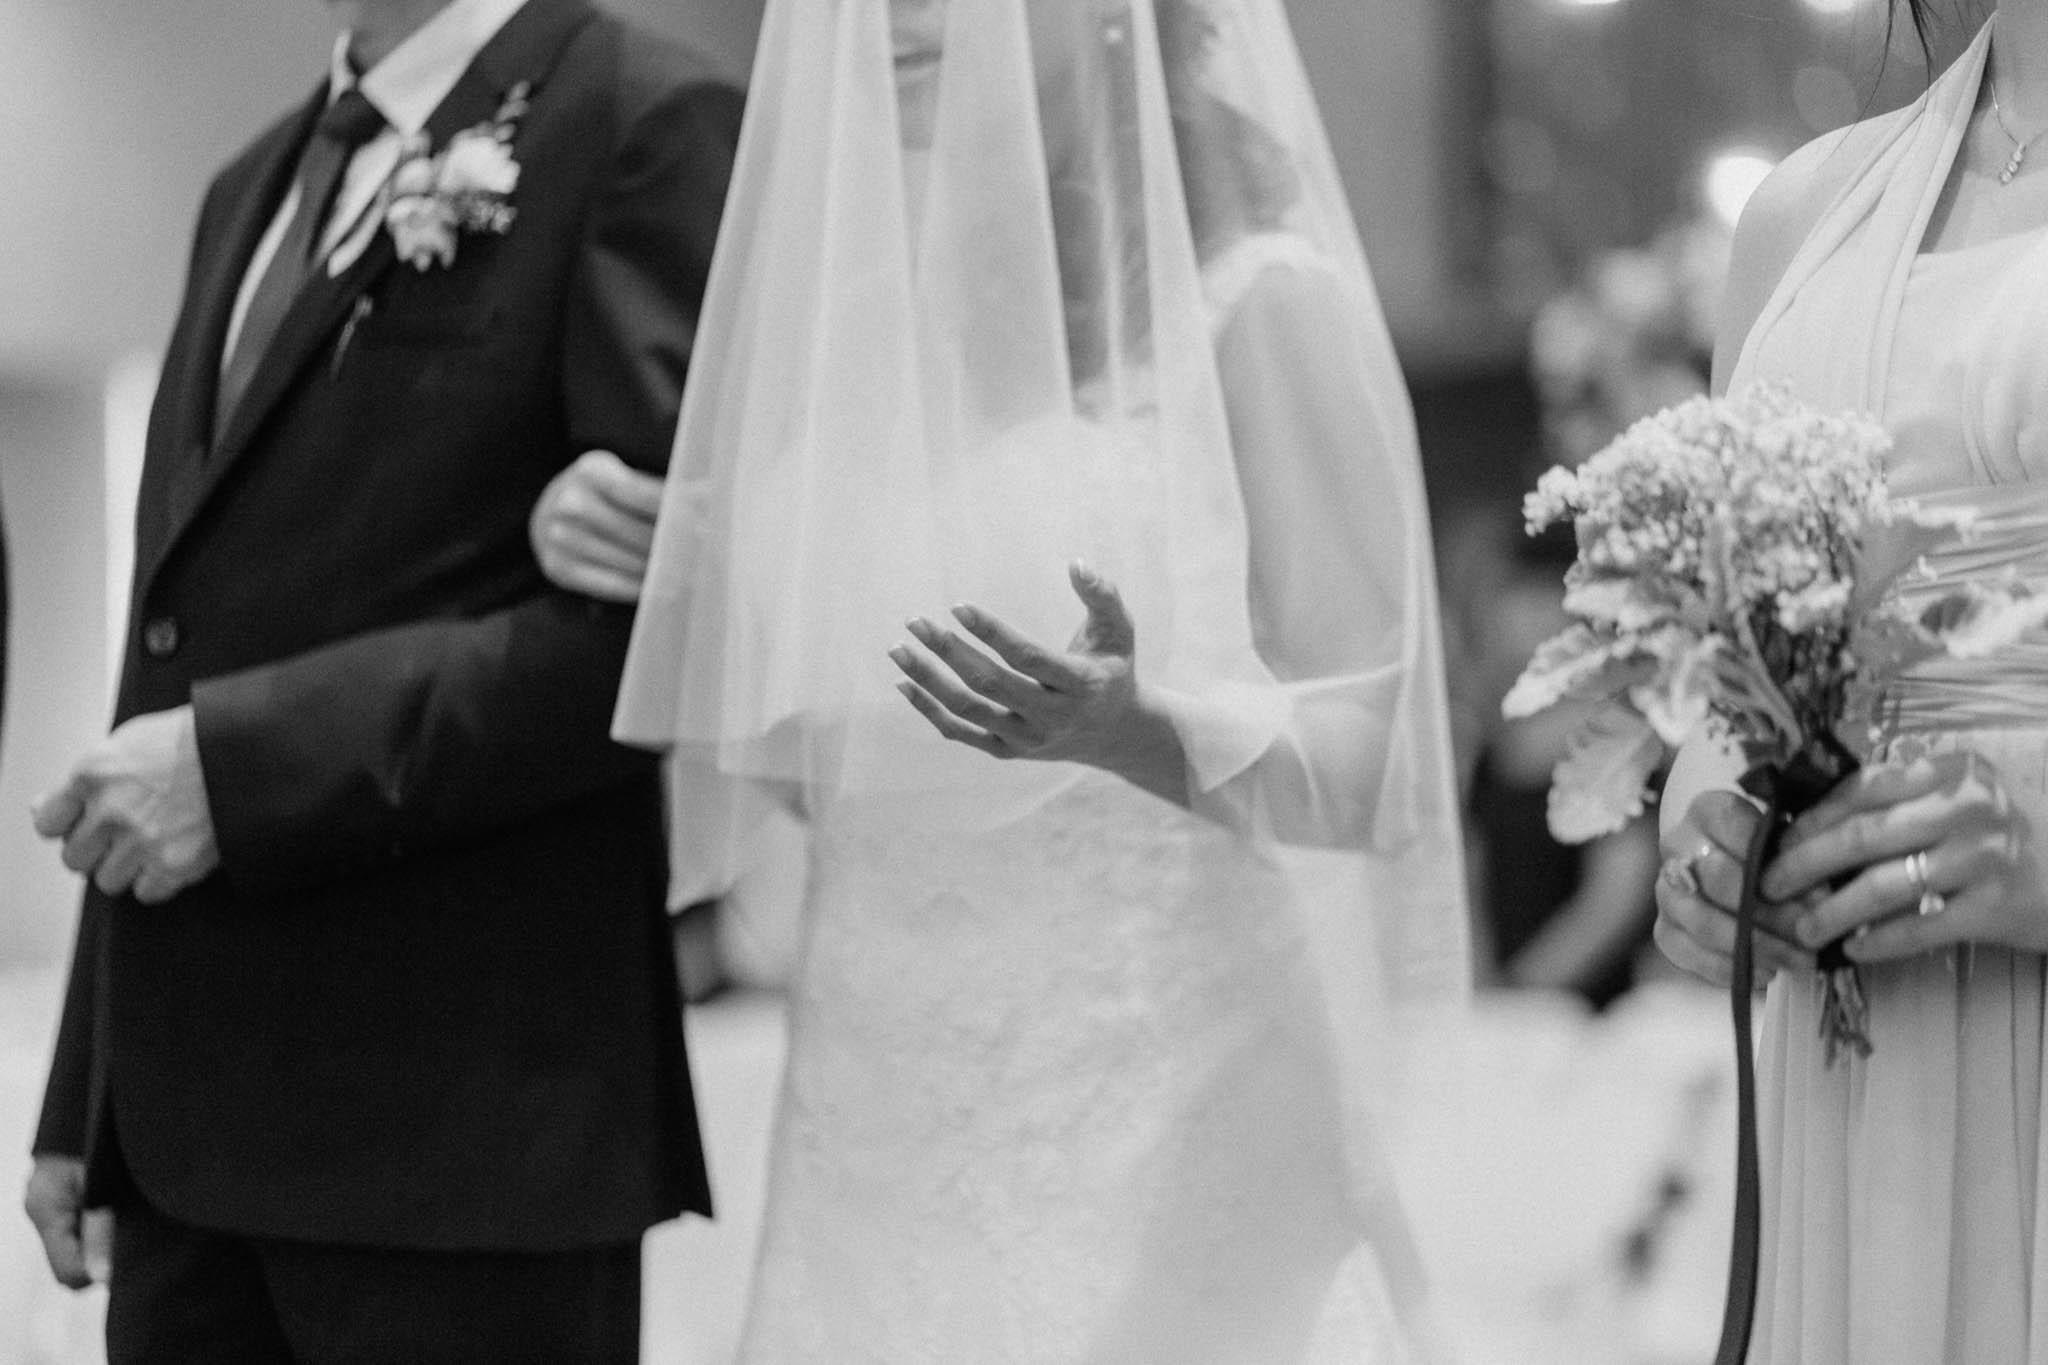 singapore-wedding-photographer-wemadethese-bw-060.jpg